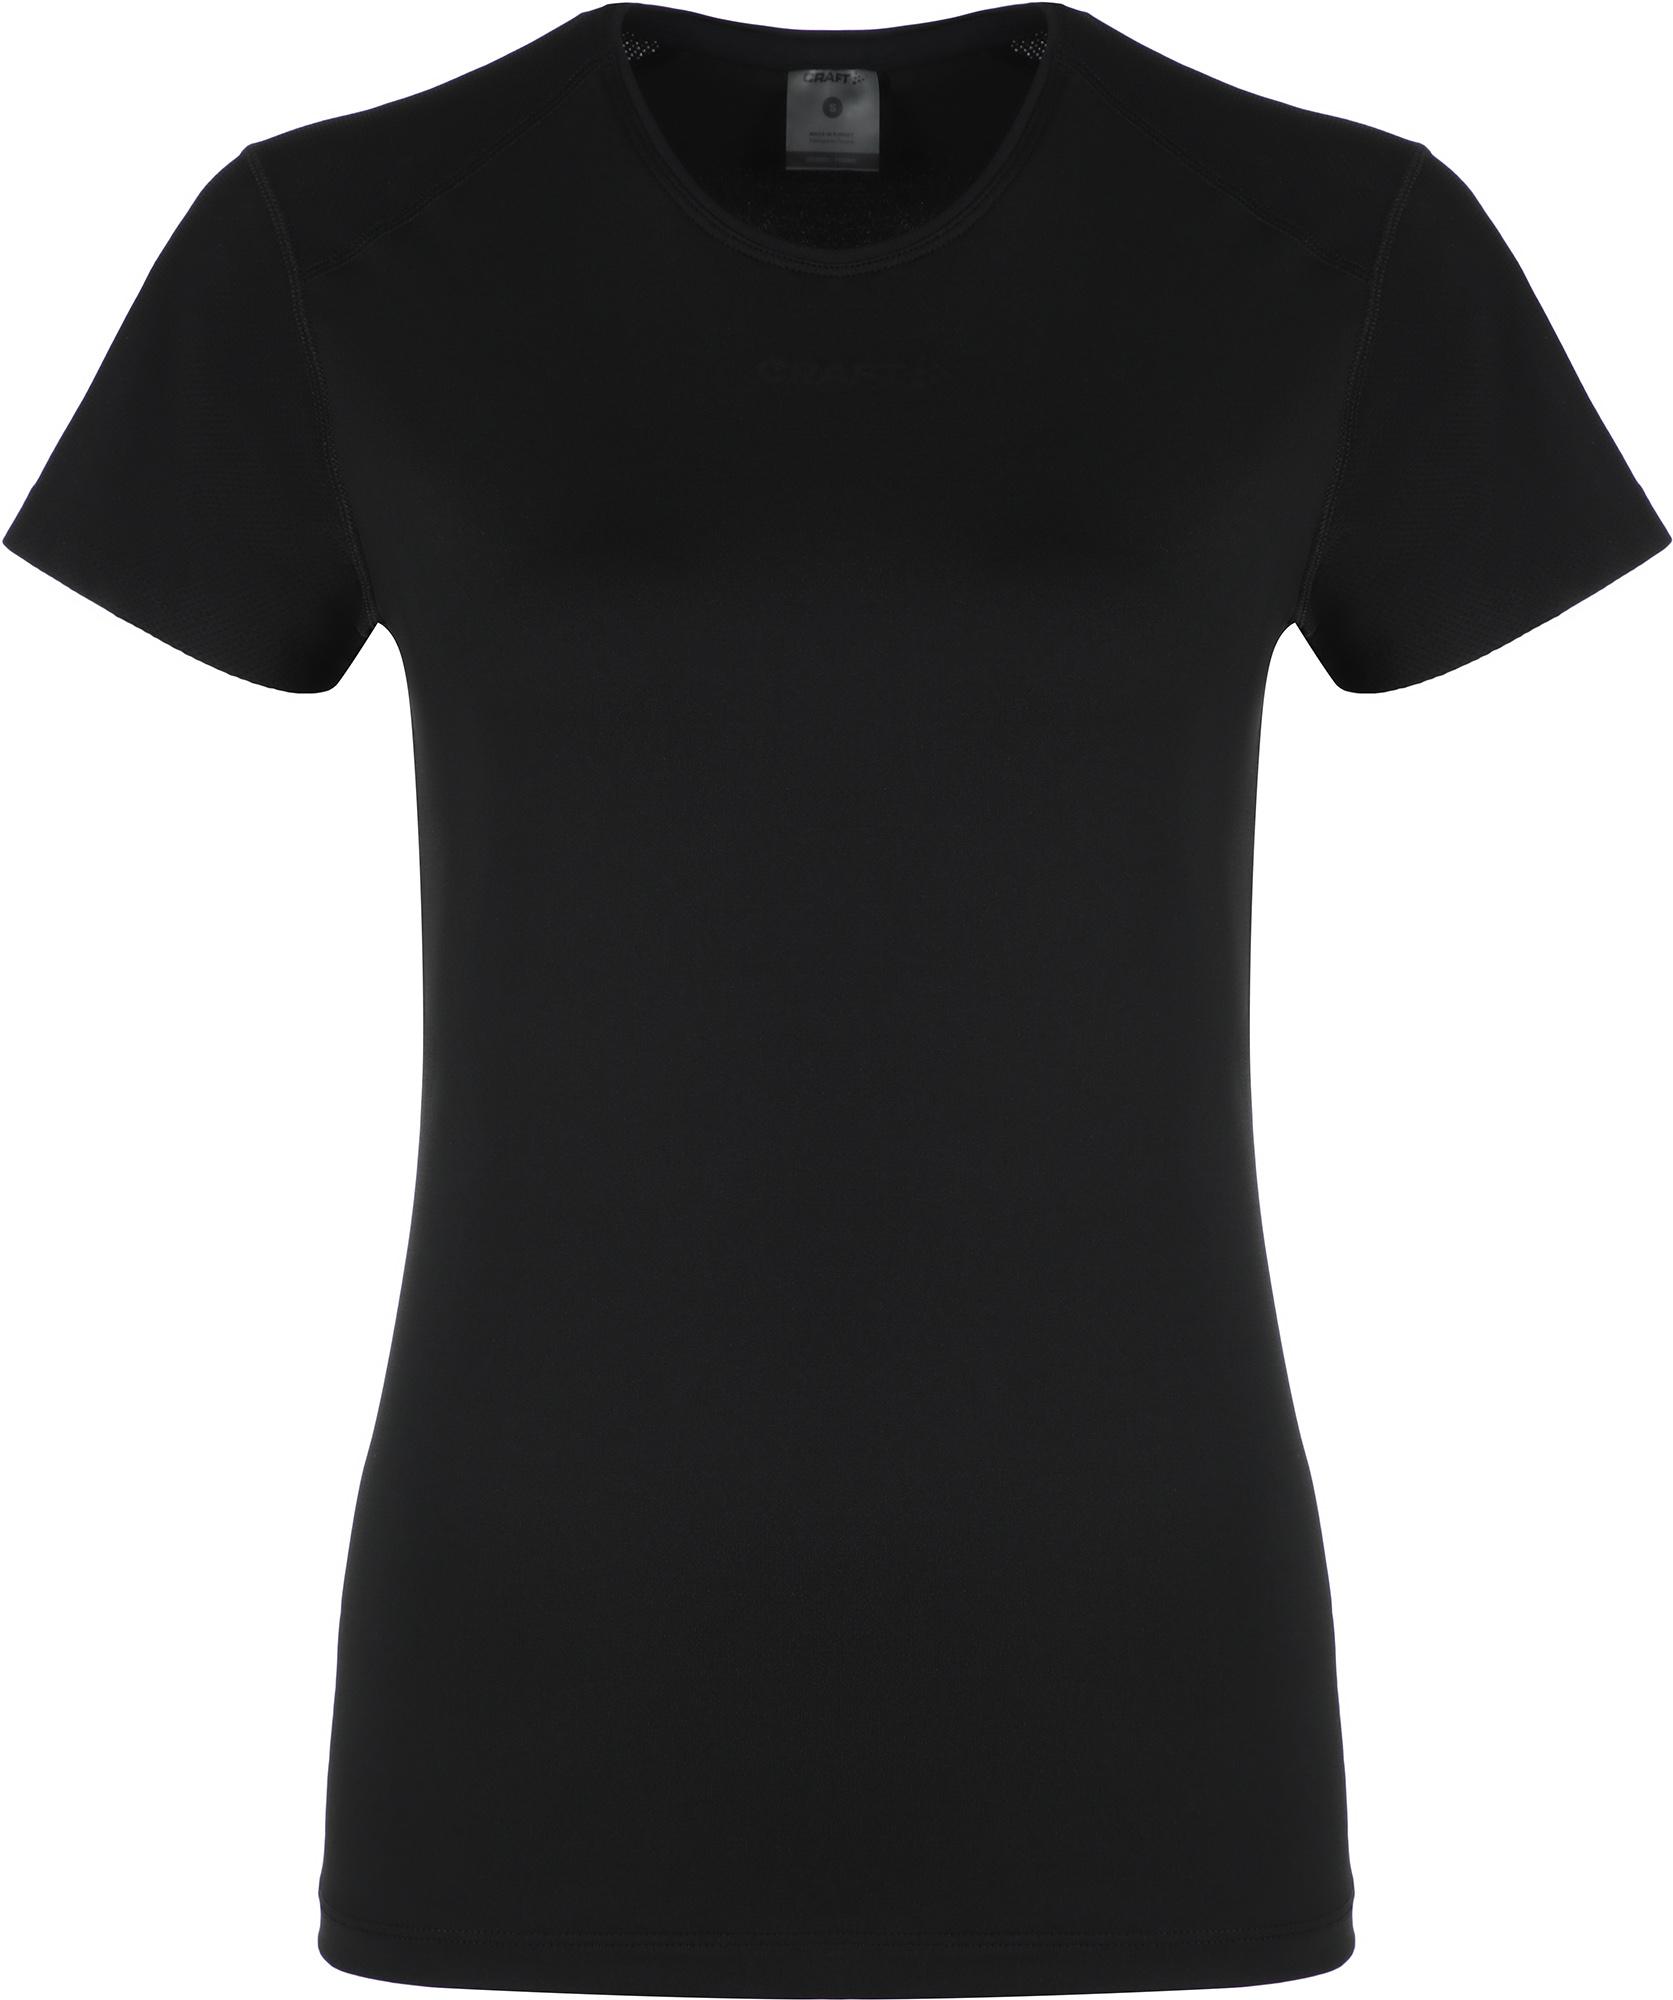 Фото - Футболка женская Craft Adv Essence, размер 42-44 craft шорты женские craft essence размер 40 42